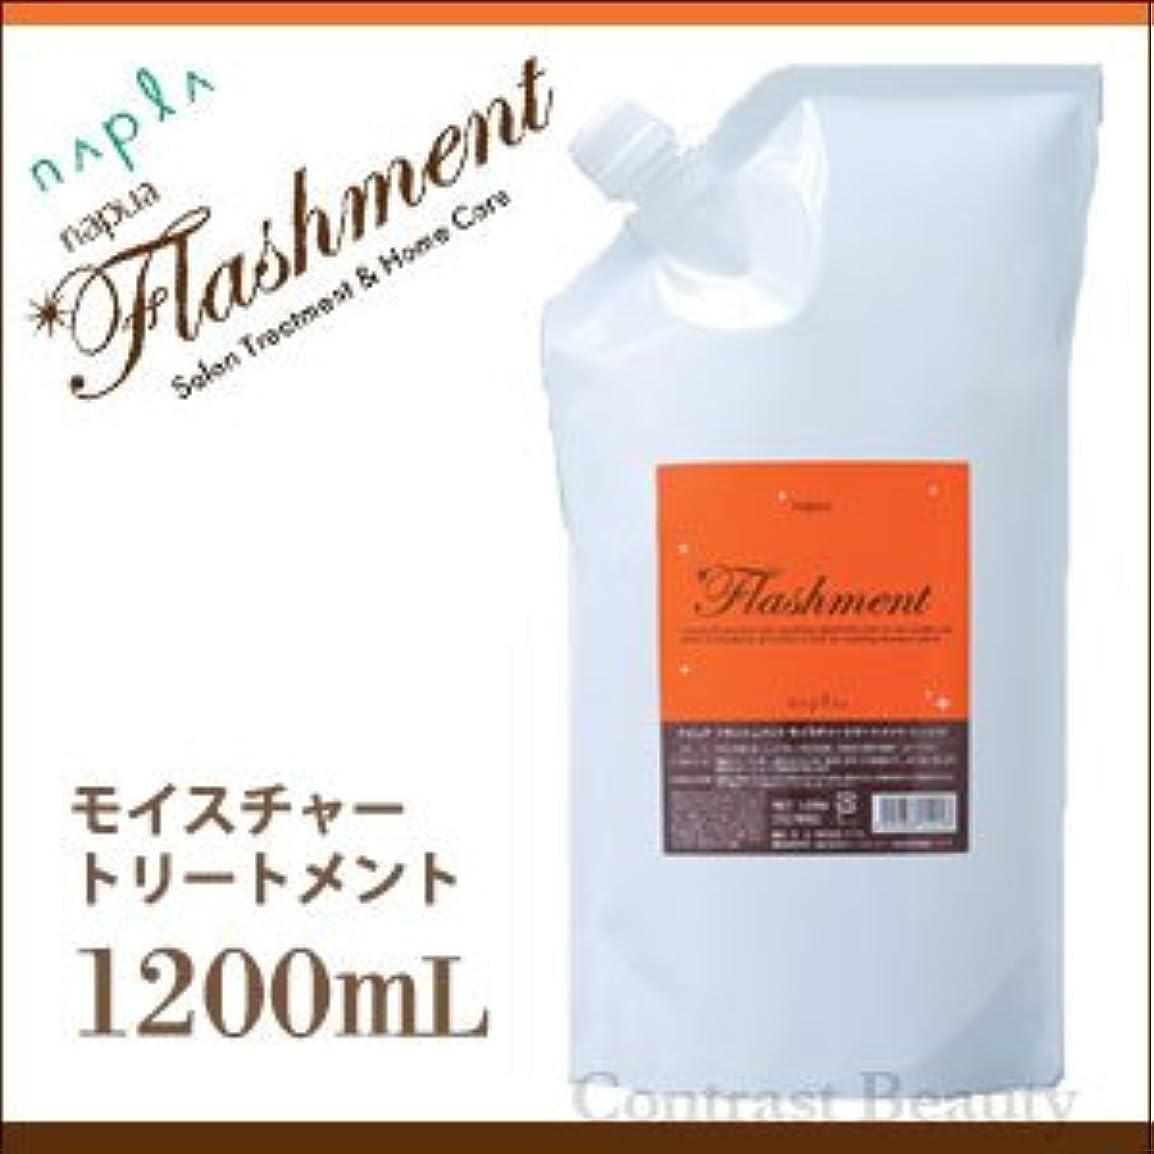 【X5個セット】 ナプラ ナピュア フラッシュメント モイスチャートリートメント 1,200ml 【業務用ヘアトリートメント】